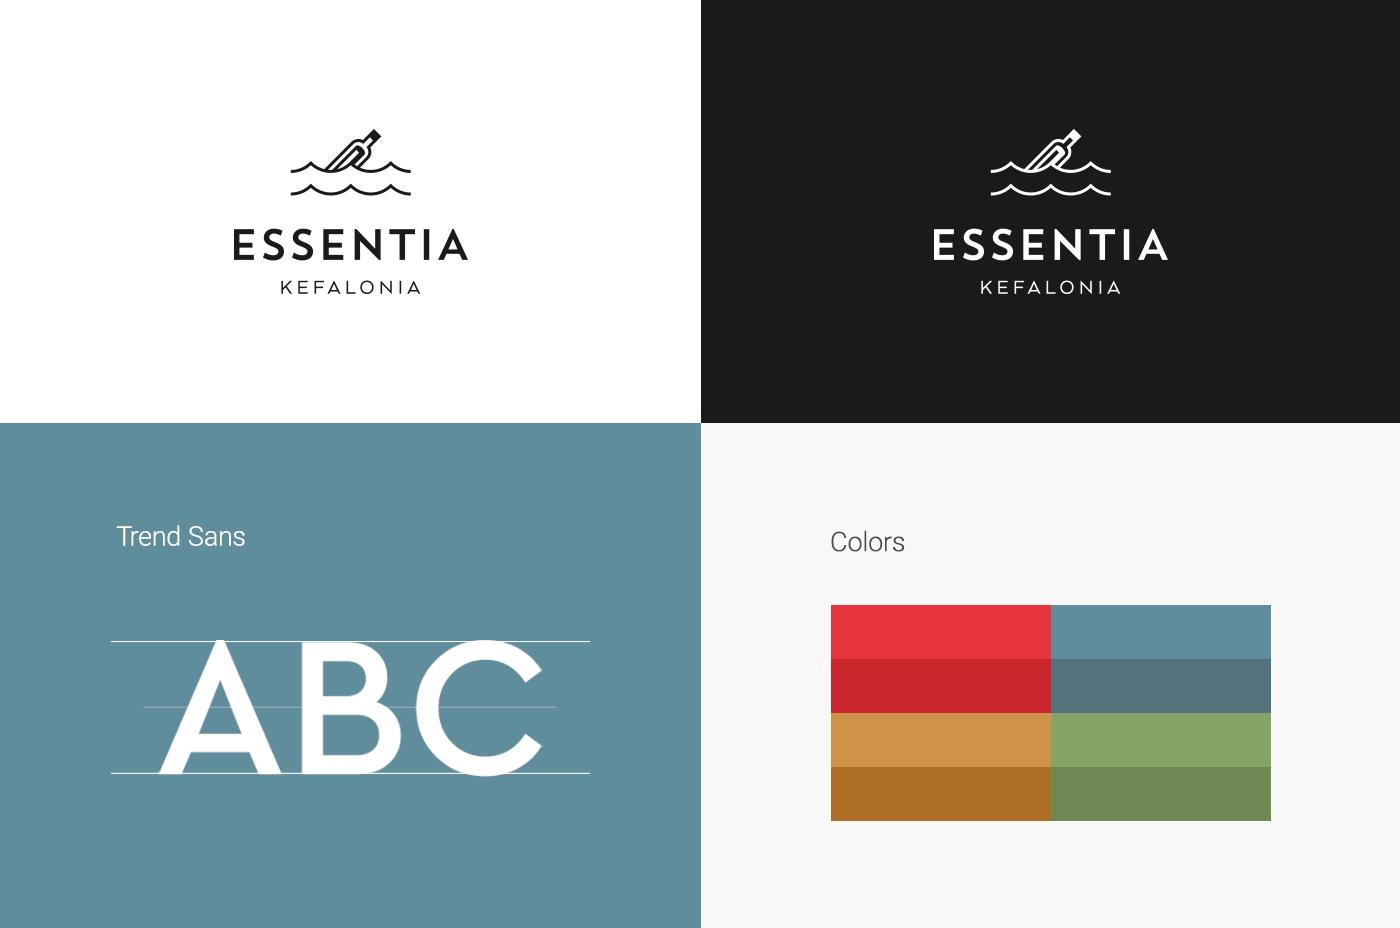 essentia different logos